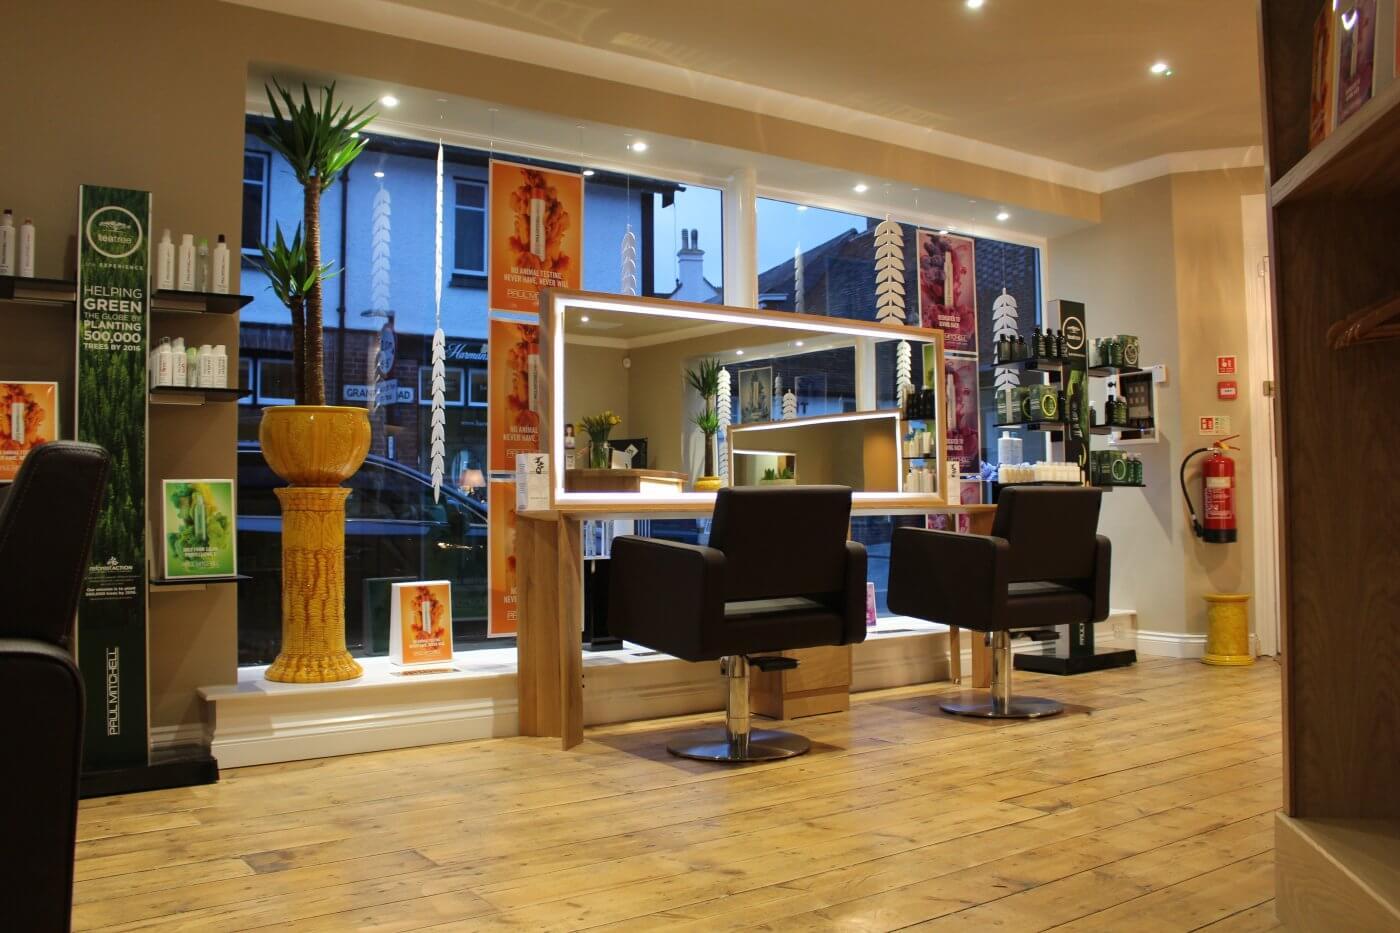 Hair Salon | The Mustcard